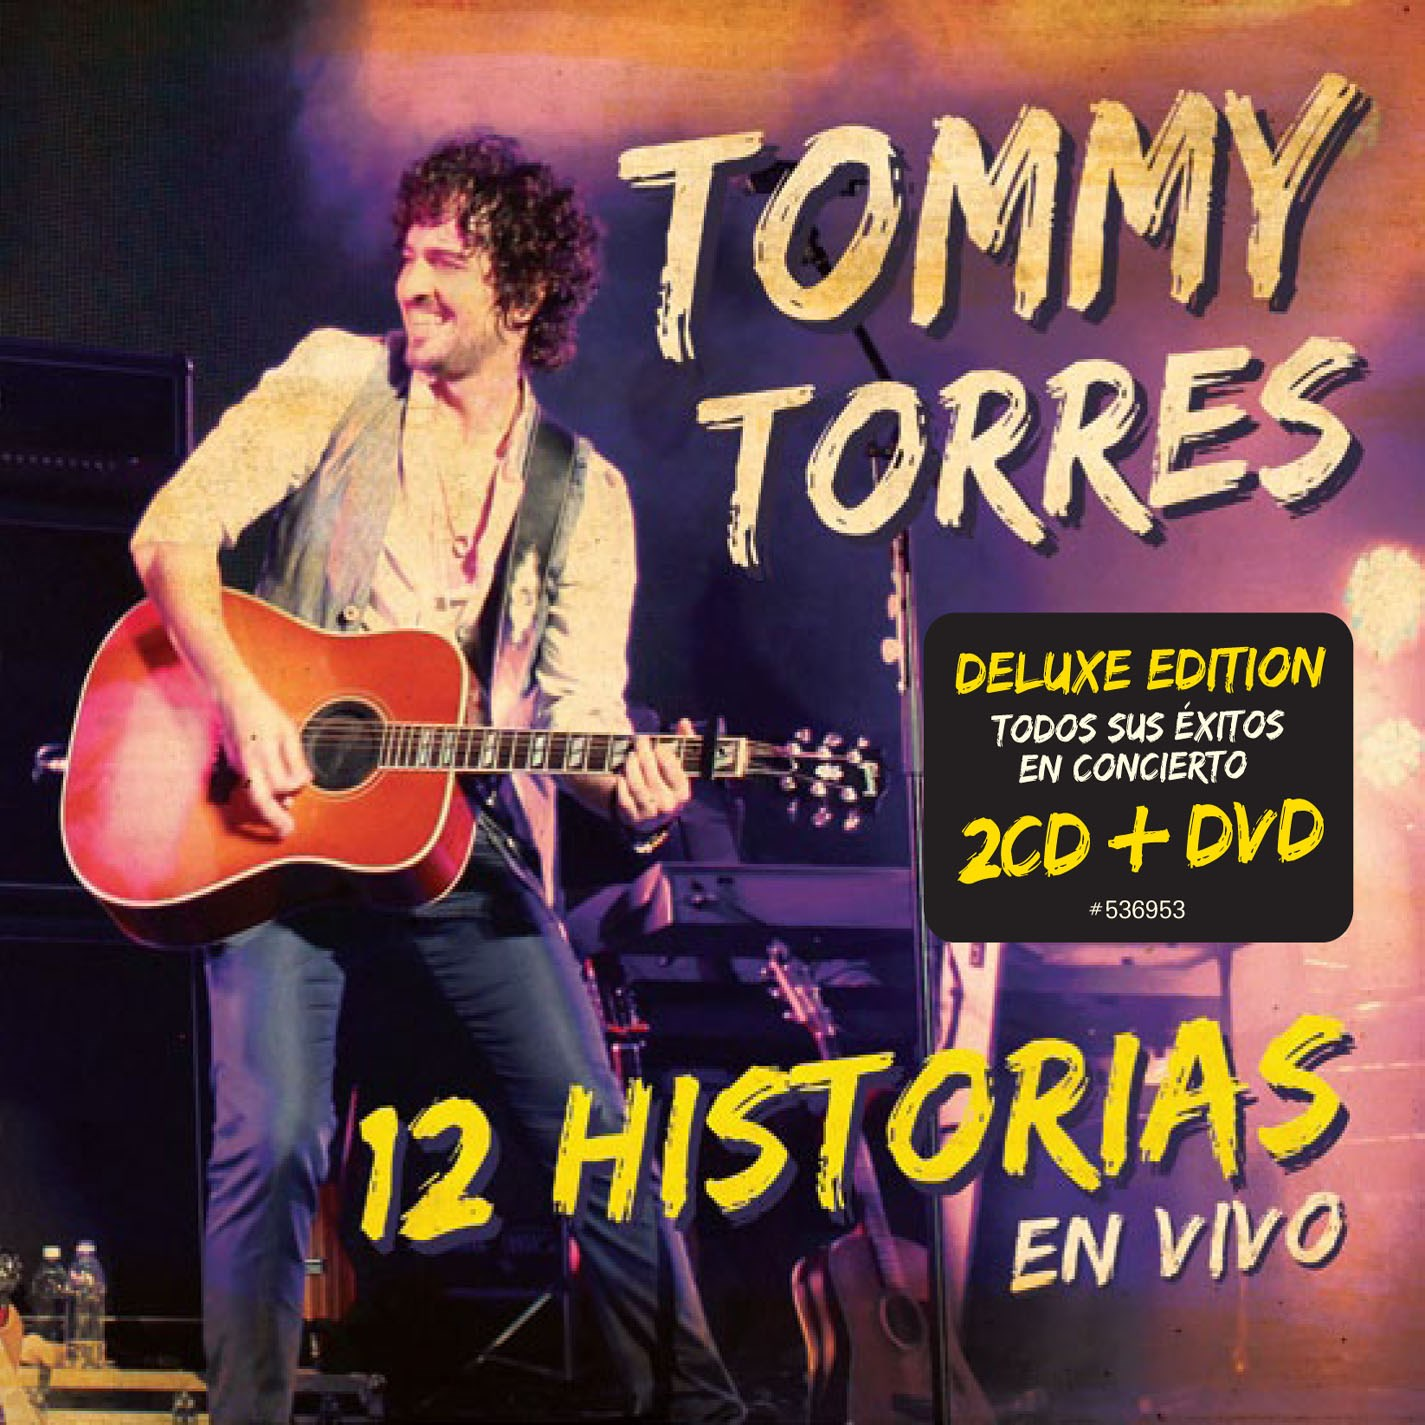 Tommy Torres: 12 Historias - En Vivo